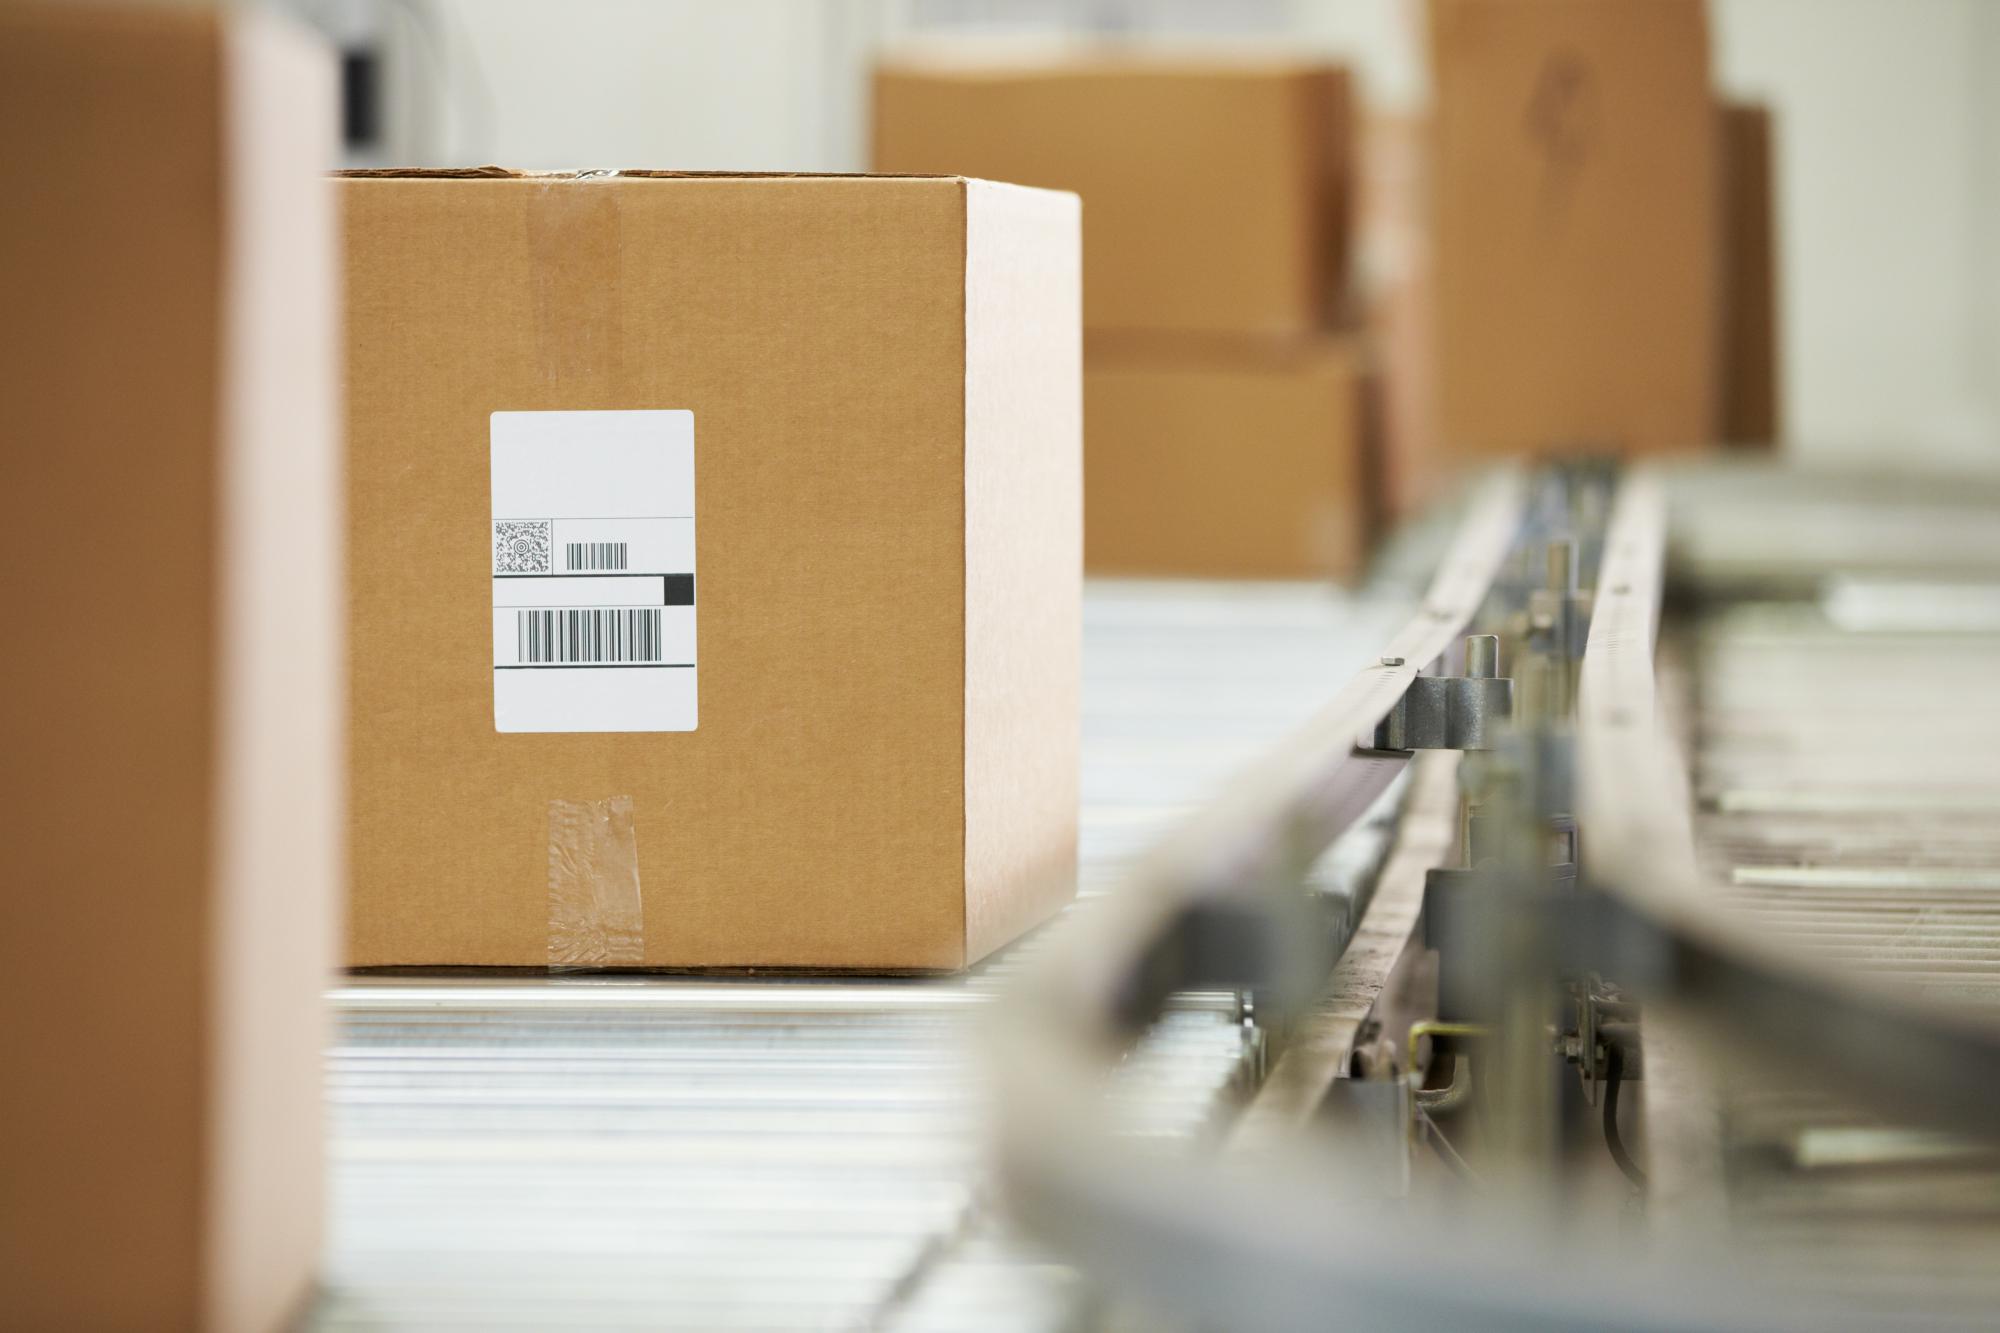 Реализация иностранным компаниям иностранных товаров не облагается НДС